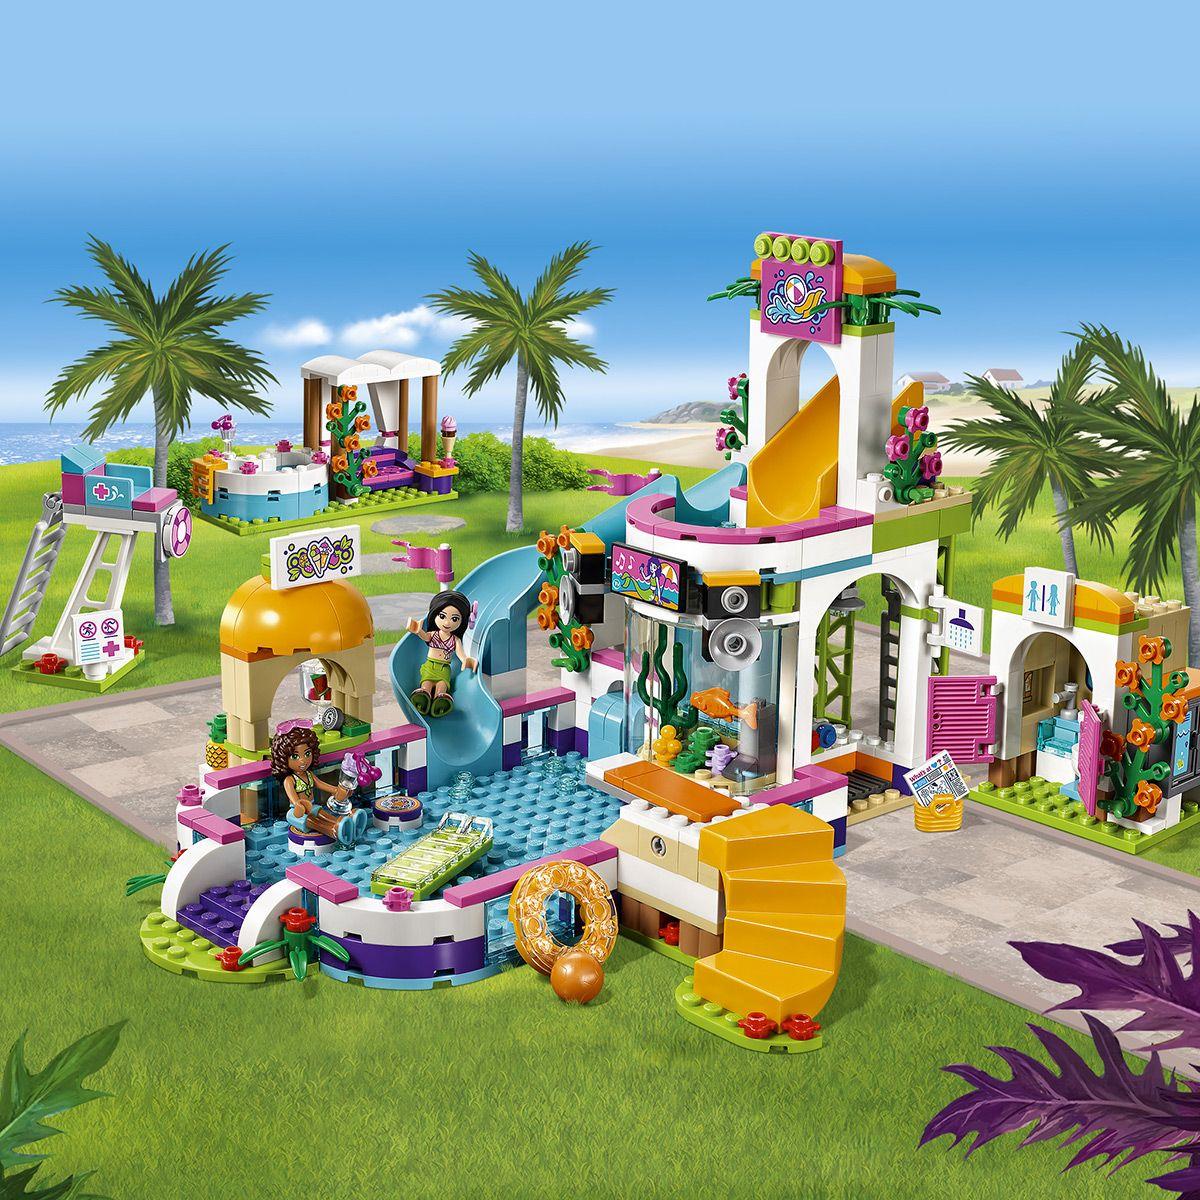 Piscine Univers 41313 Ville La Lego® D'heartlake Friends City Et 5R3LAj4q